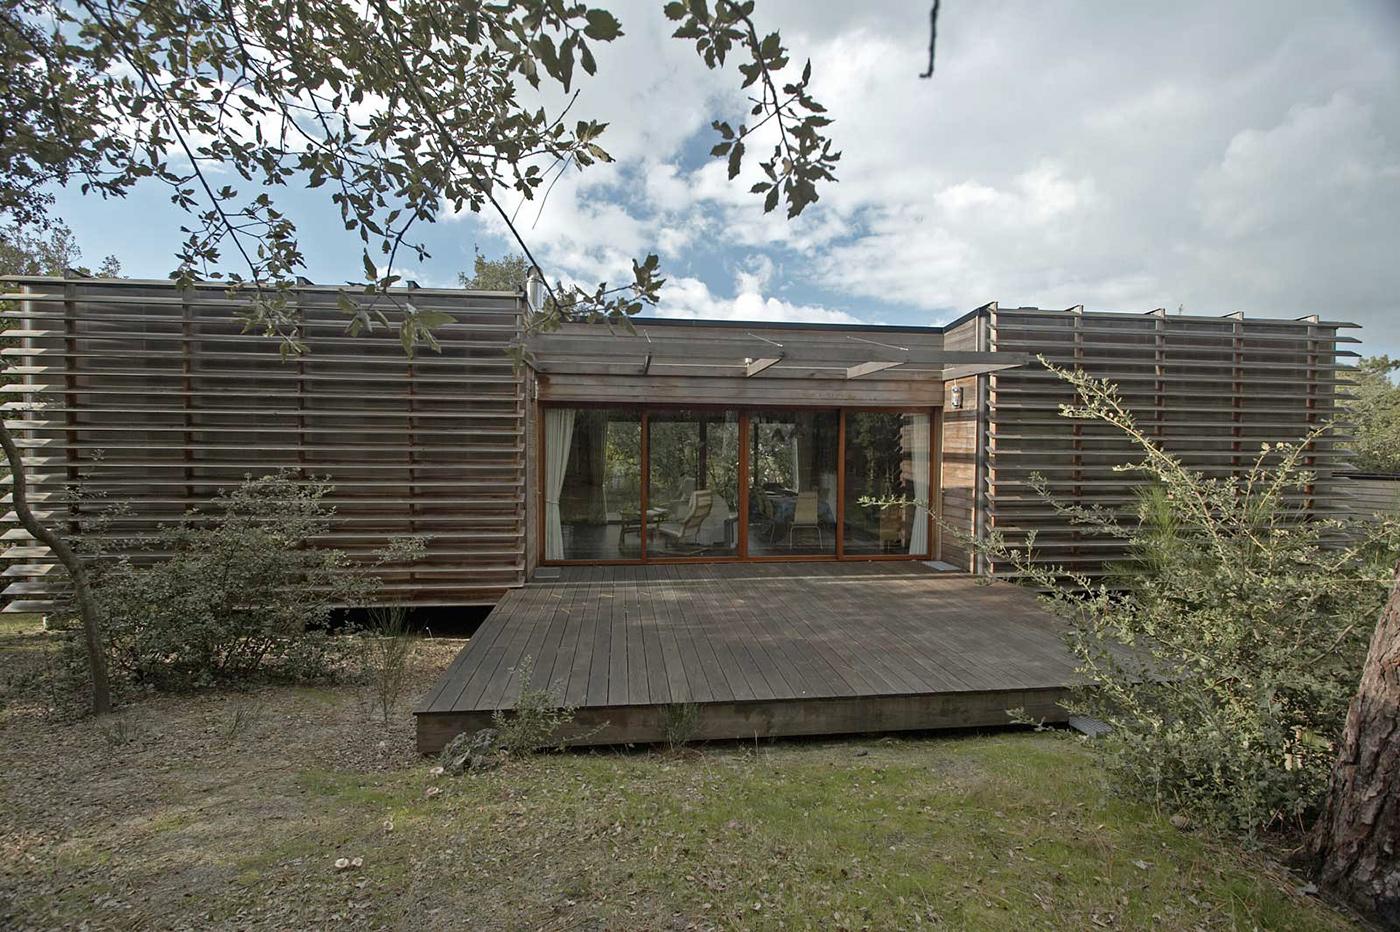 Maison Bois Sur Pilotis - Maison bois sur pilotis en haut d'une duneà Soulac sur Mer par BM Syst u00e8me la maison bois par